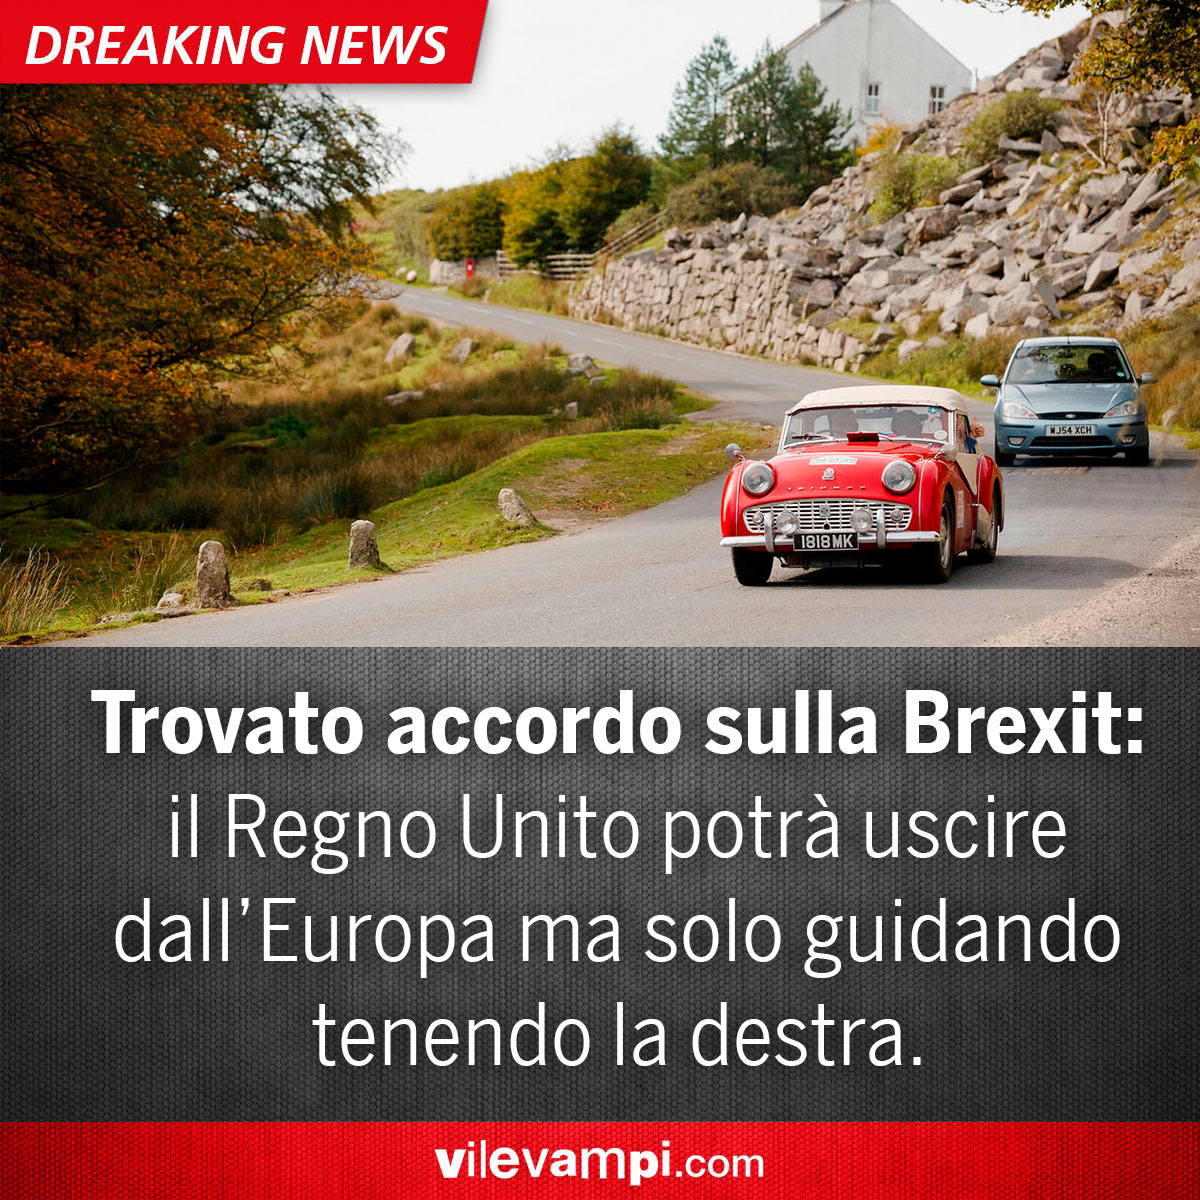 2019_Drek_news_Brexit